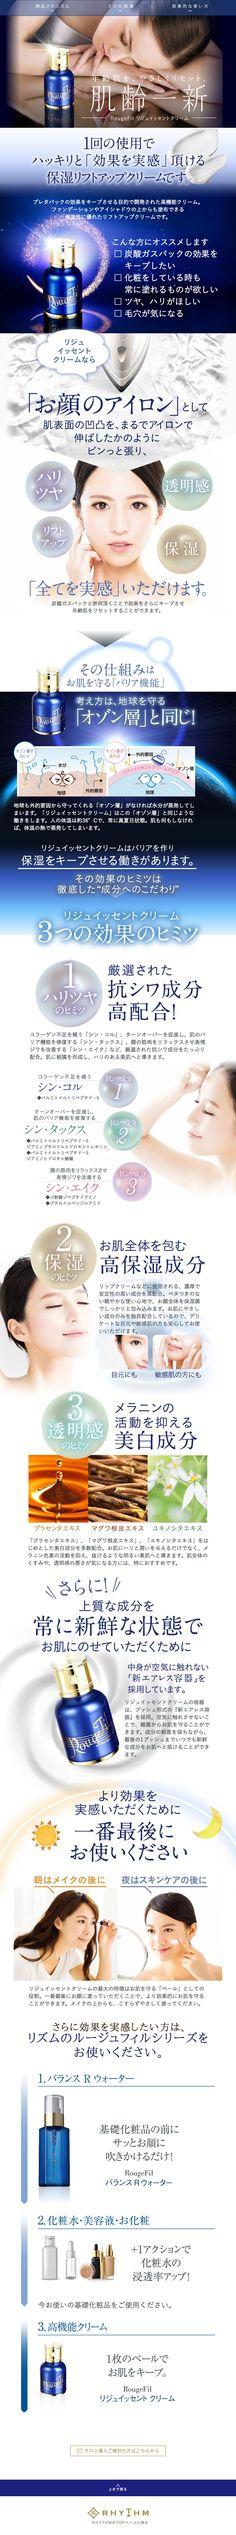 【リズム株式会社 】 高機能美容クリーム「リジュイッセントクリーム」